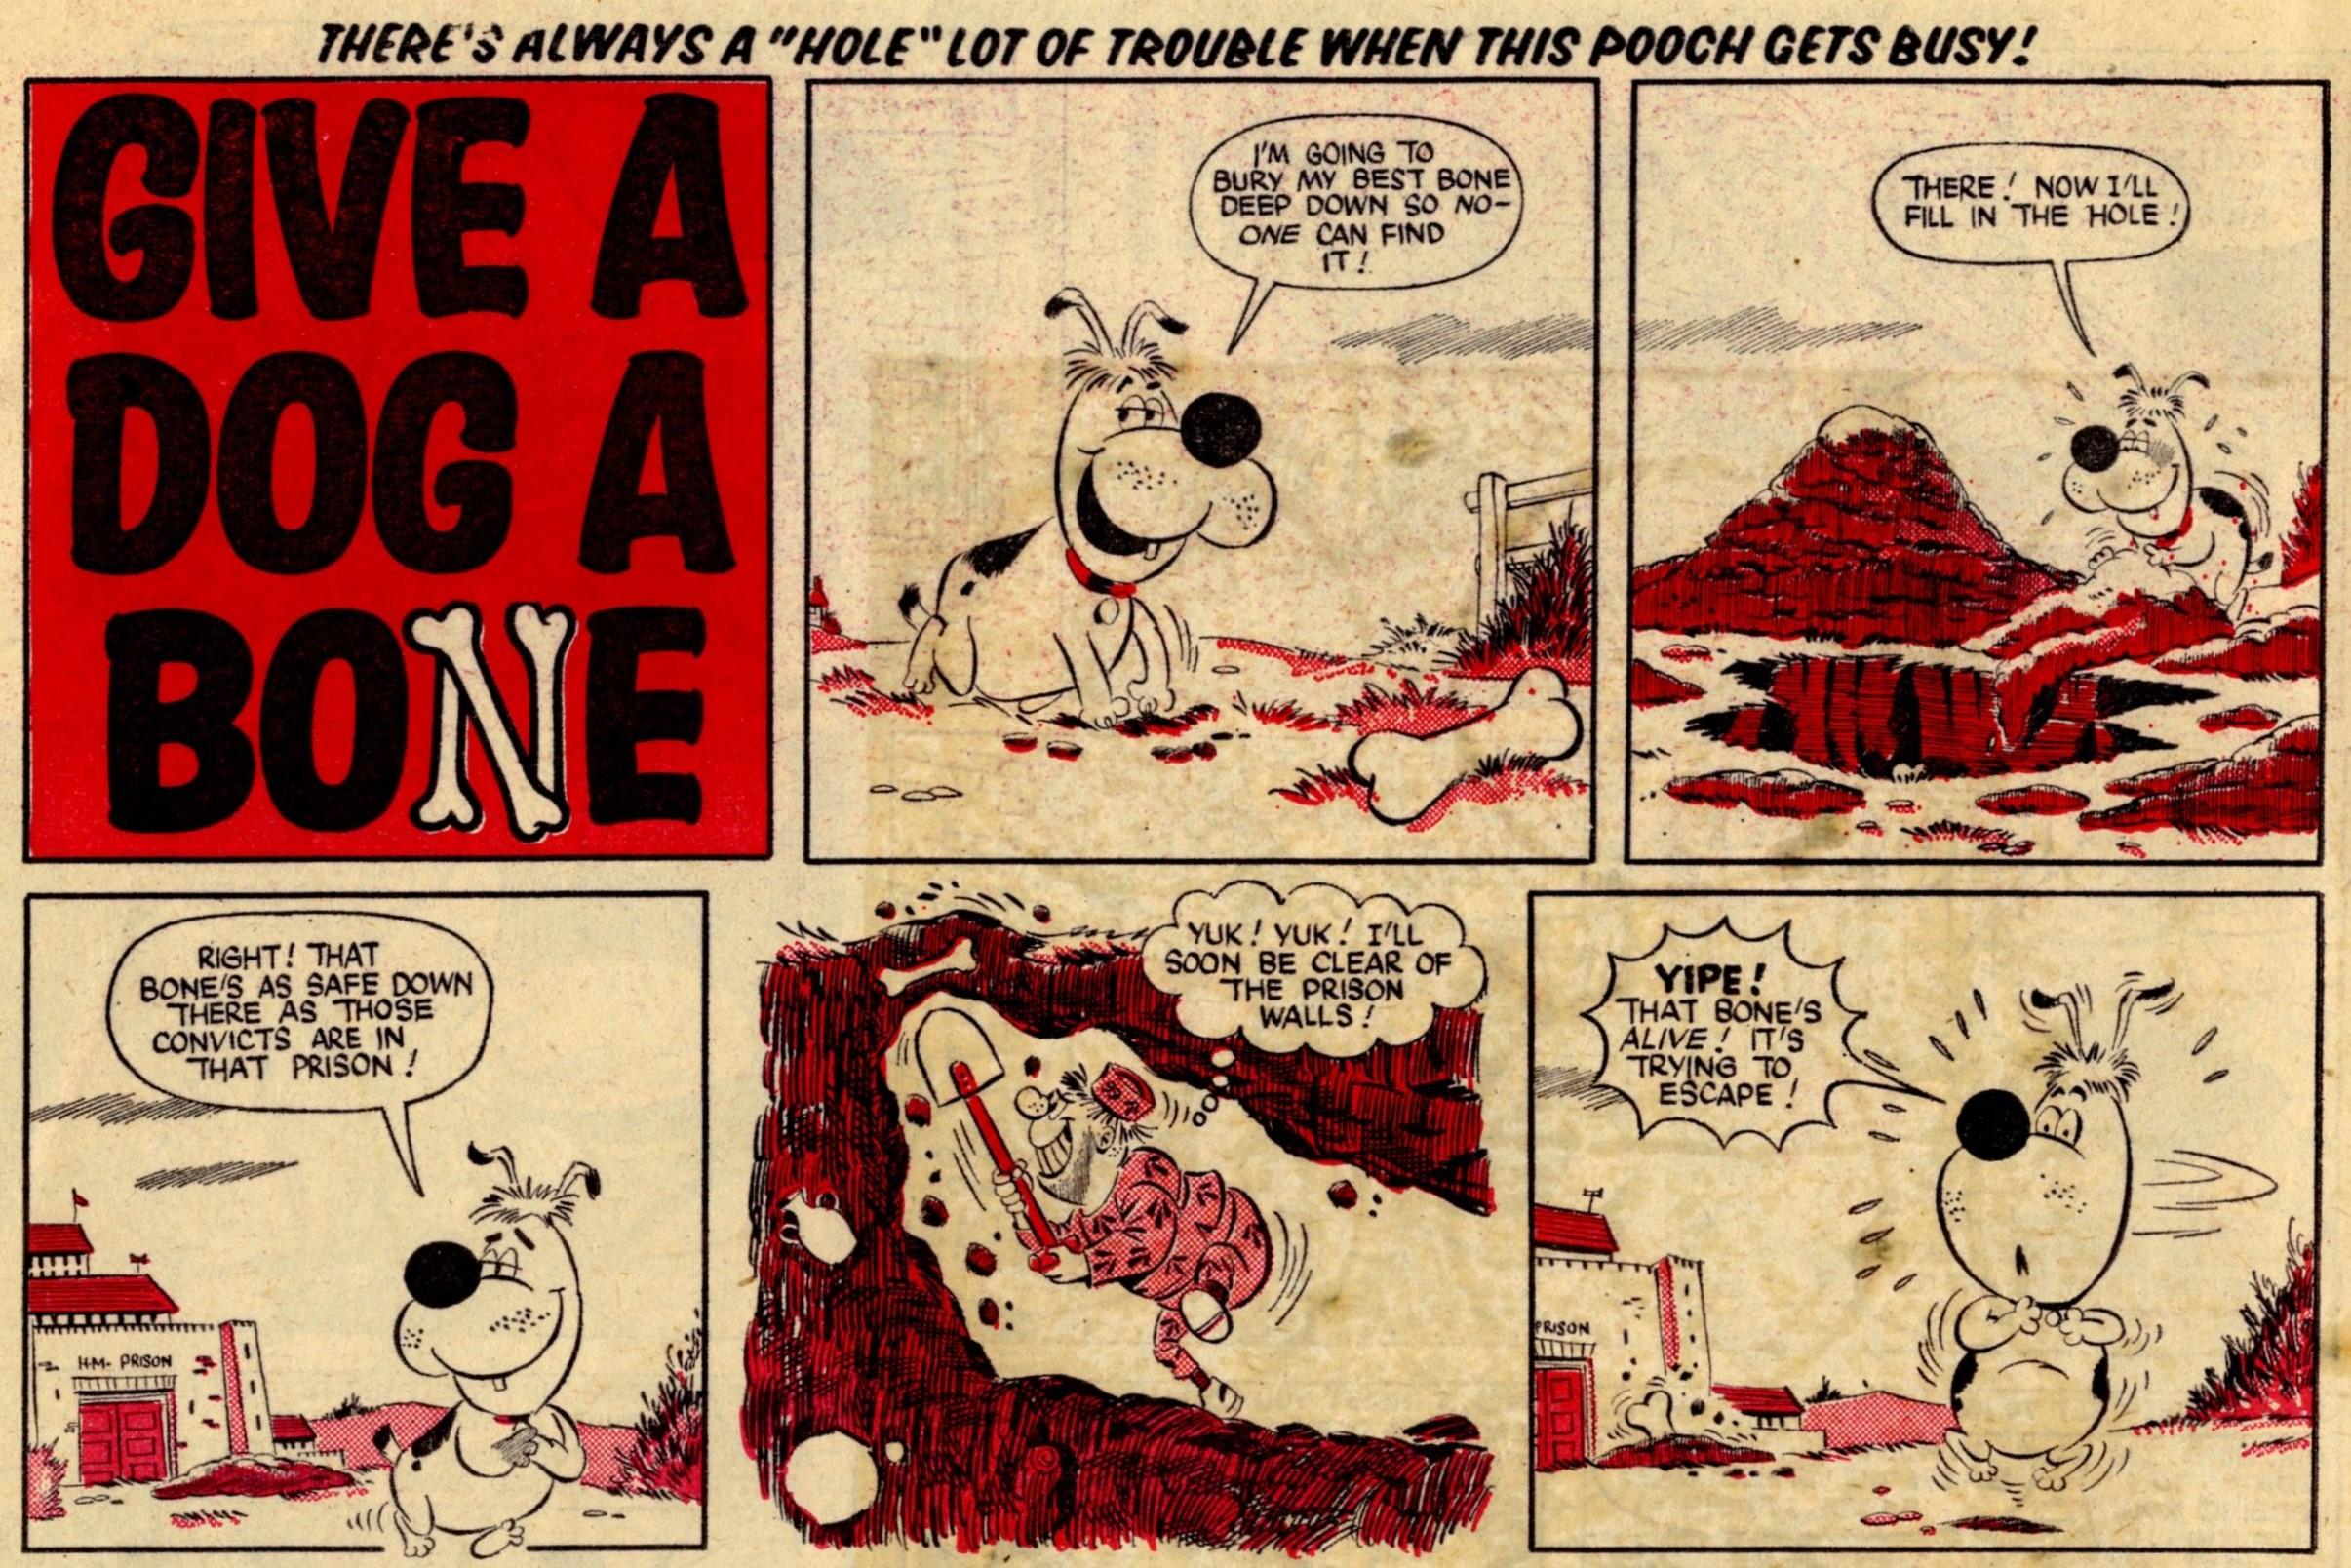 Give a Dog a Bone: Graham Allen (artist)